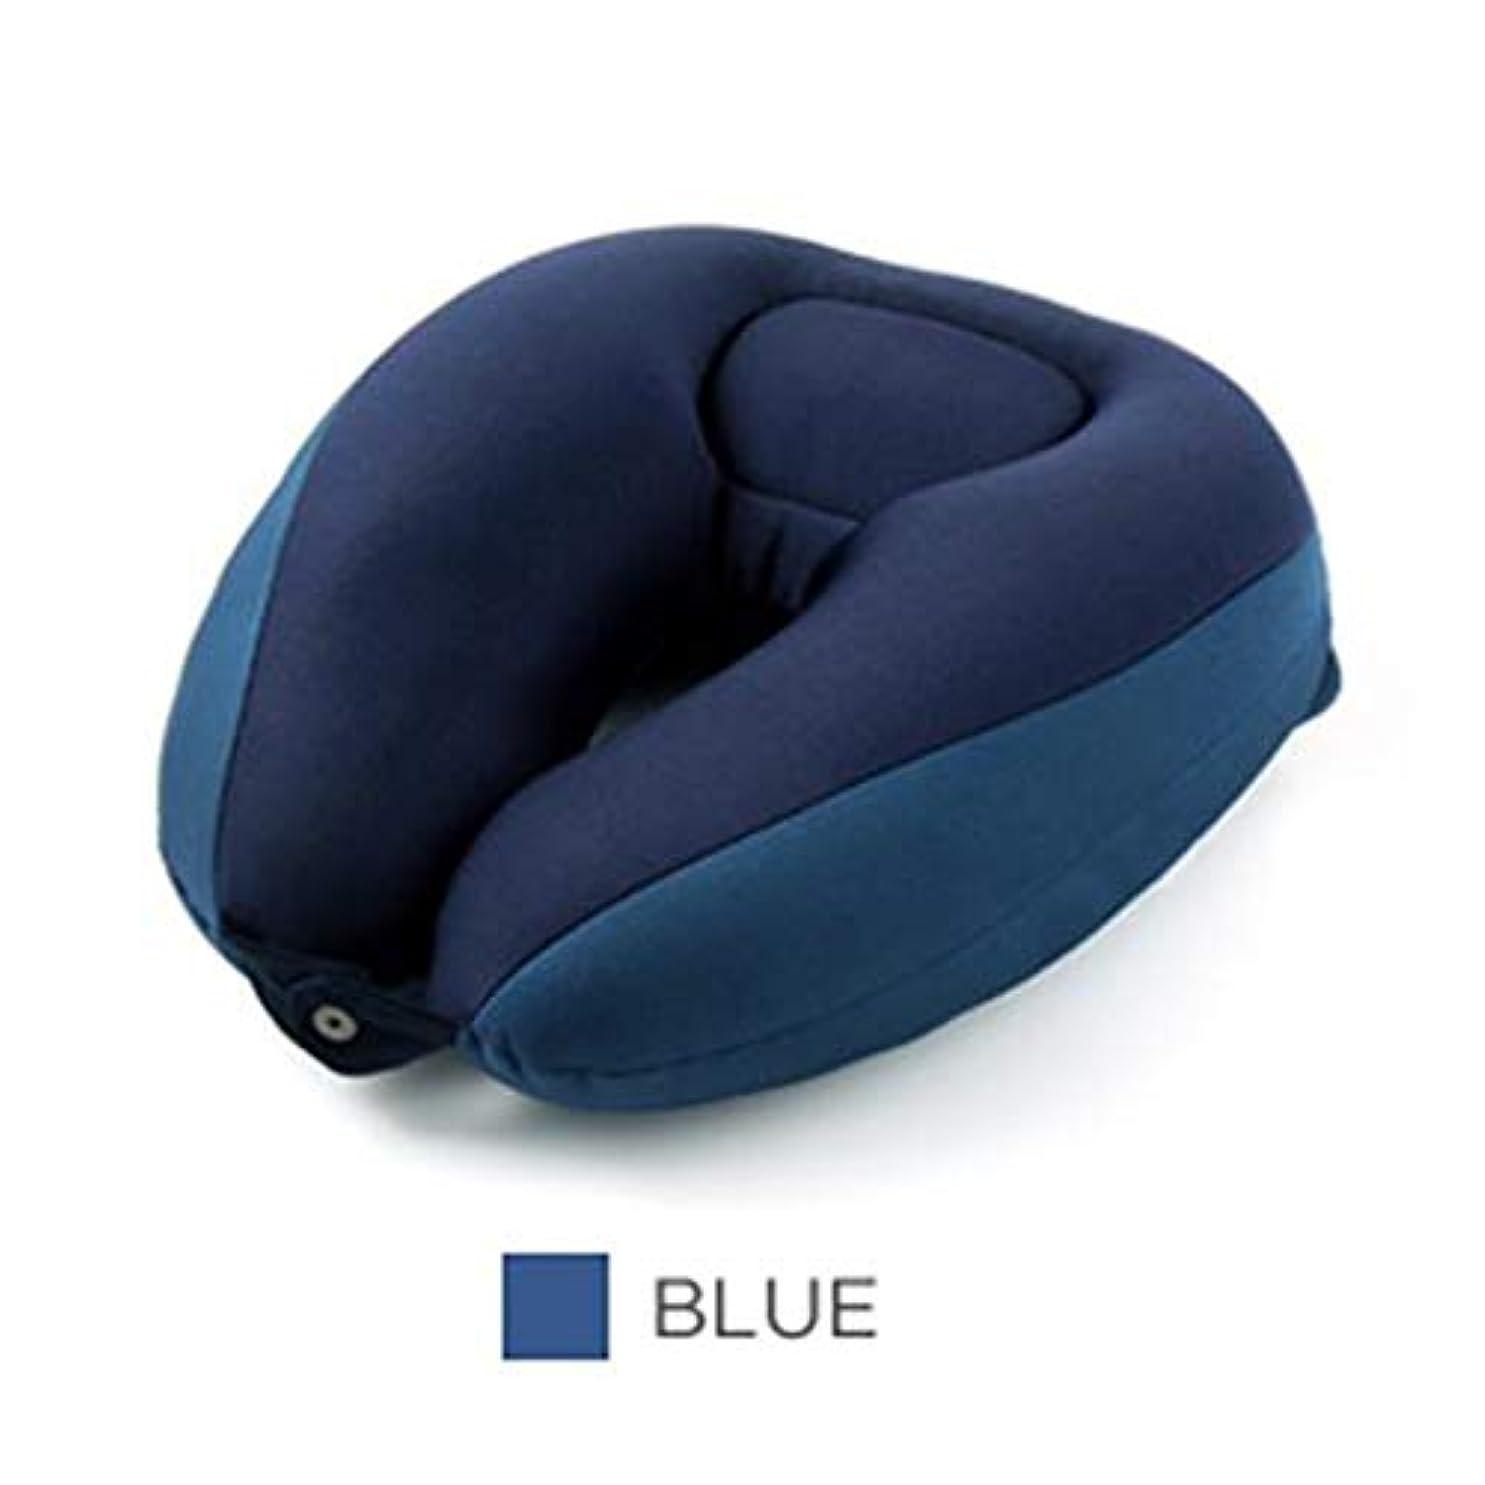 ちらつきオーバーフローヒップDYHOZZ コンパクトなU字型首枕サポート枕、車のヘッドレストシエスタ枕、3色のオプション32 cm×33 cm×13 cm U字型の枕 (色 : B)